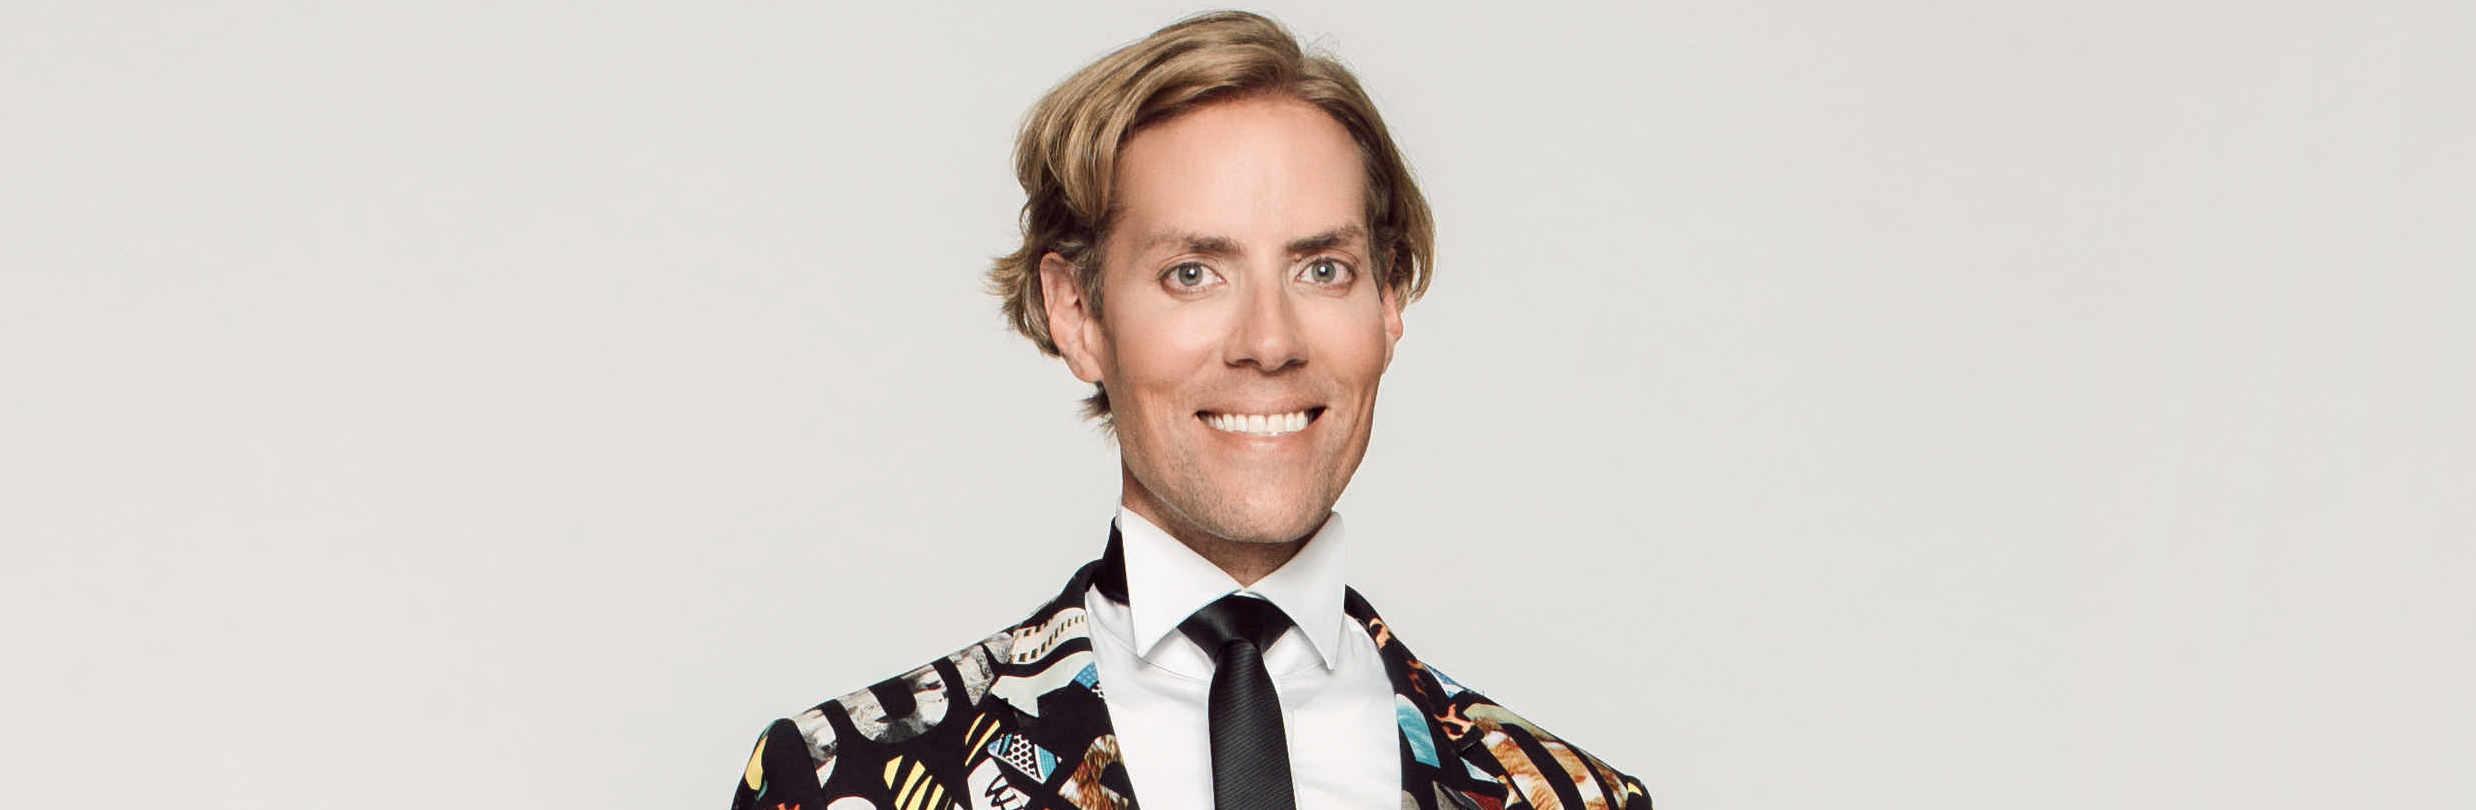 Jens Hilbert Promi Big Brother 2017 Kandidat Bewohner Promi BB Jens Hilbert